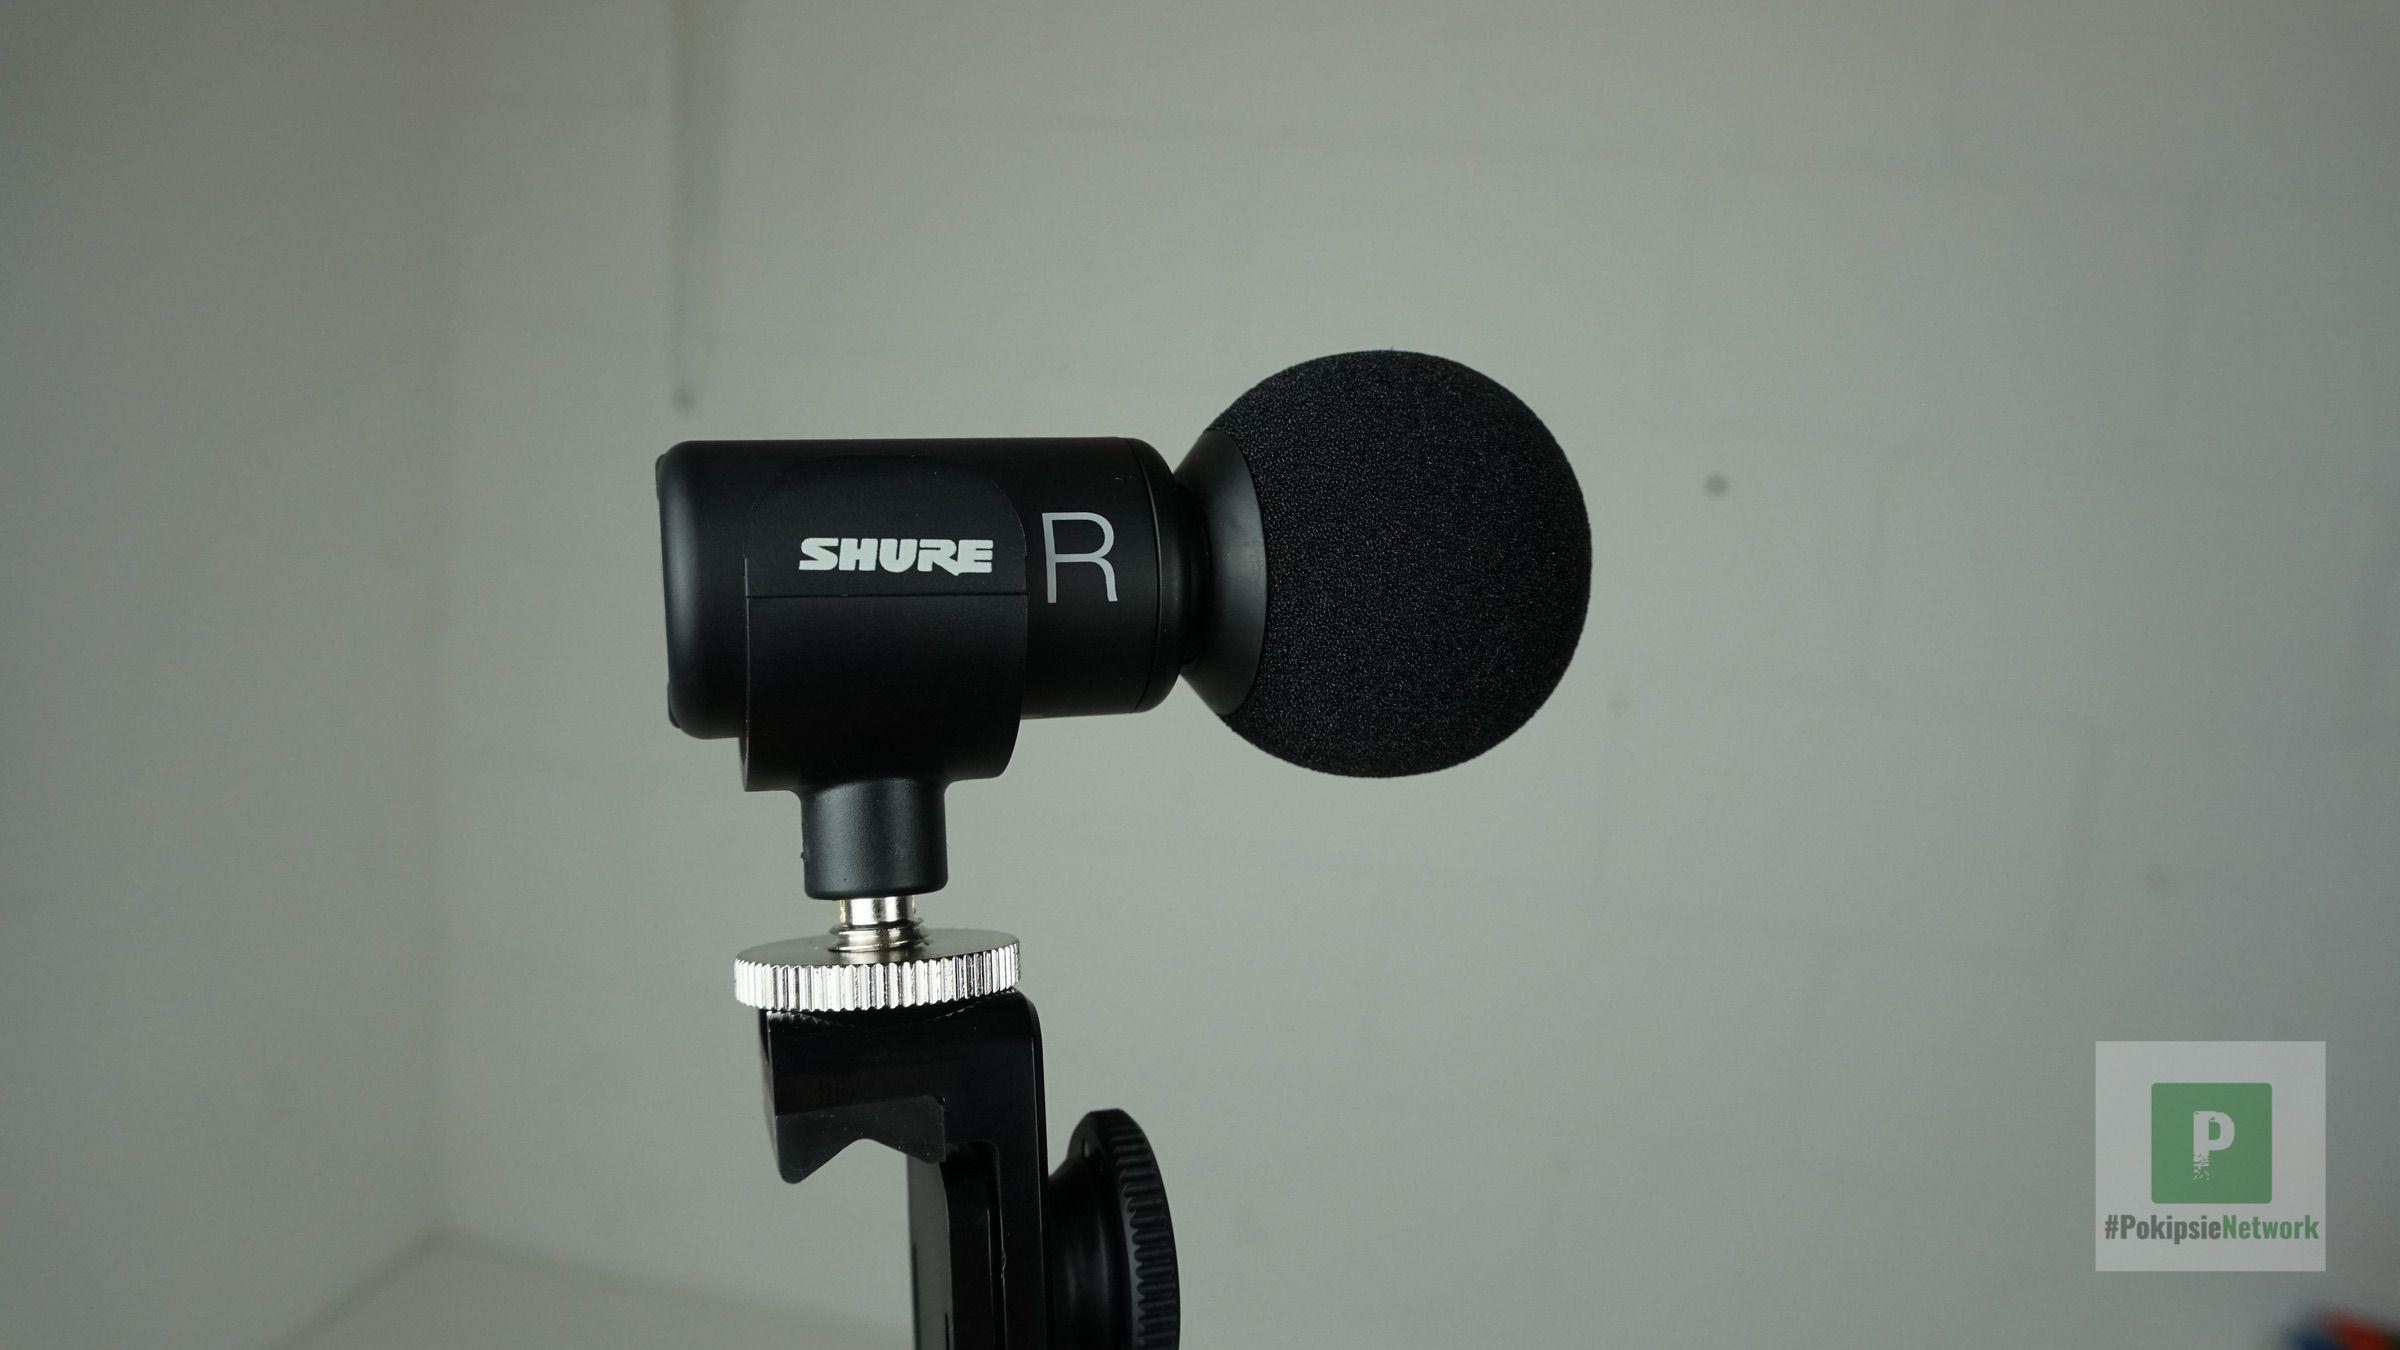 Das Mikrofon von seiner rechten Seite